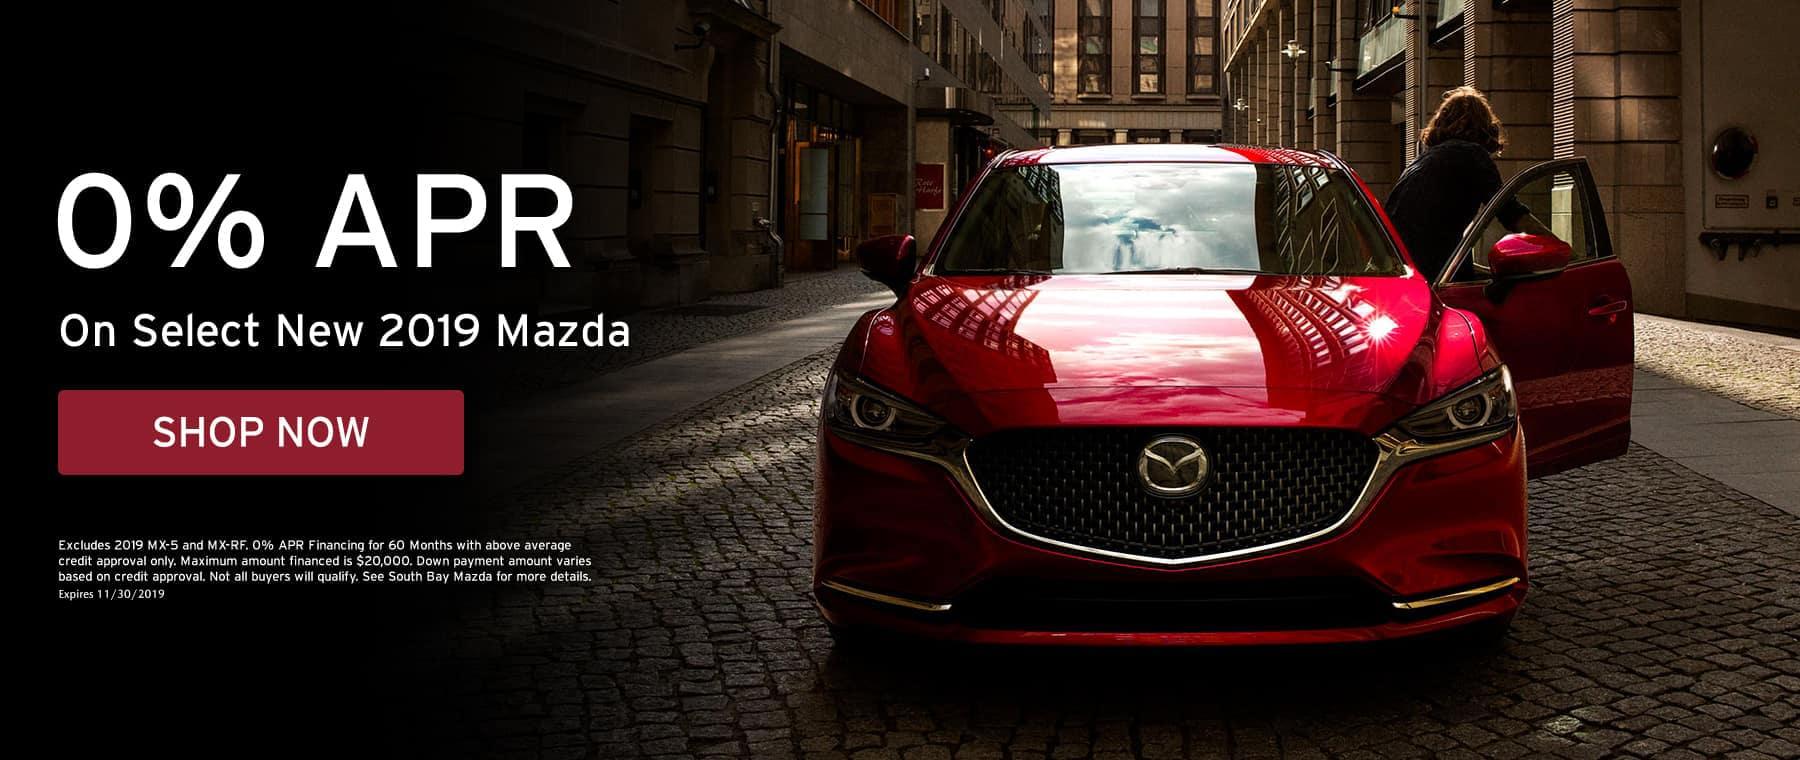 Mazda APR